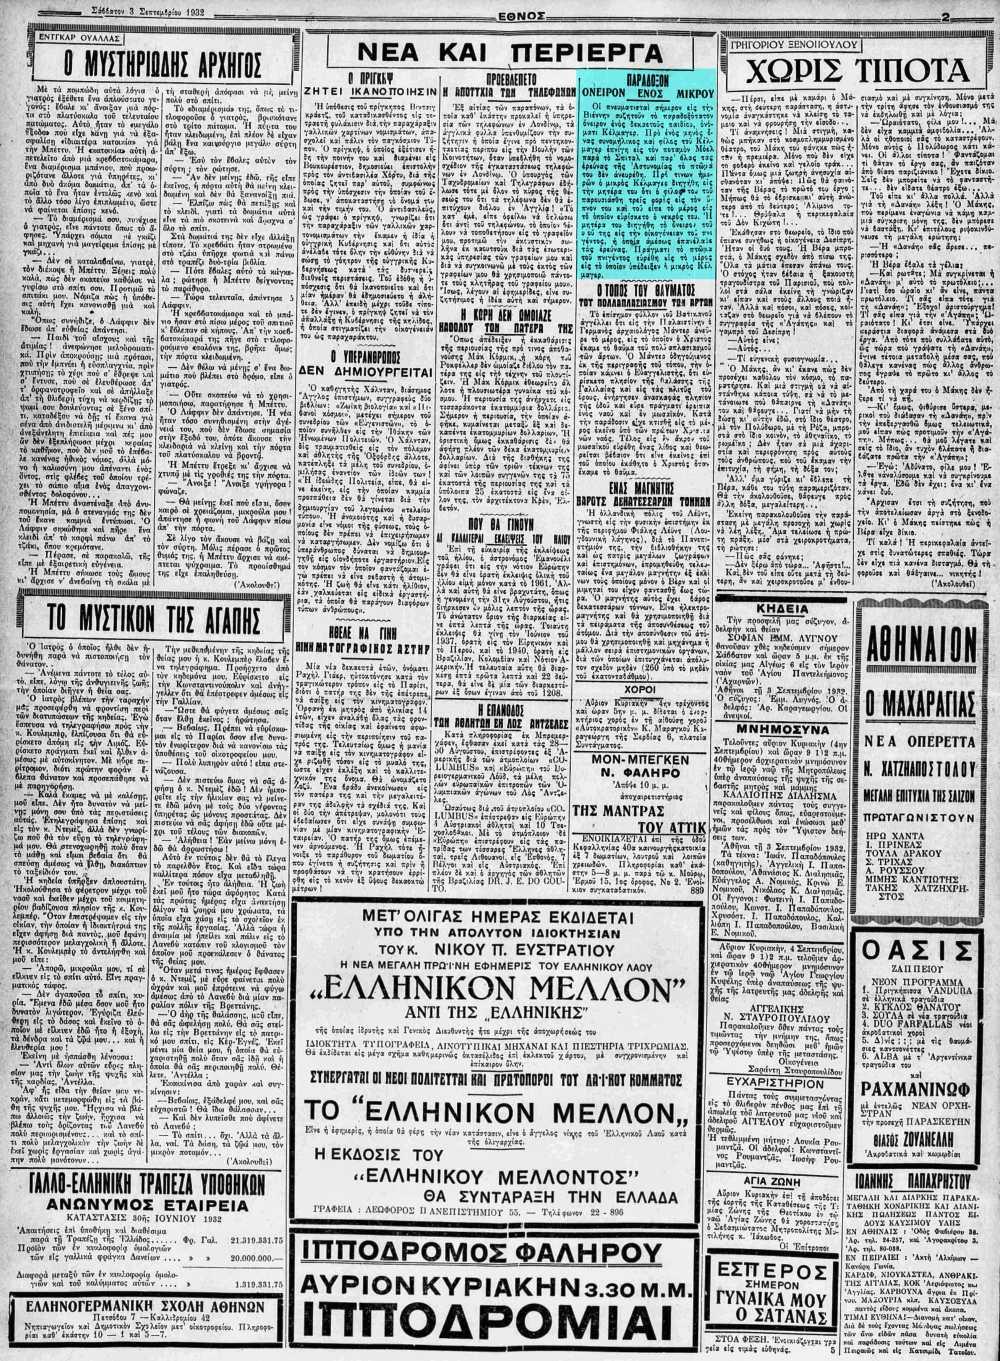 """Το άρθρο, όπως δημοσιεύθηκε στην εφημερίδα """"ΕΘΝΟΣ"""", στις 03/09/1932"""